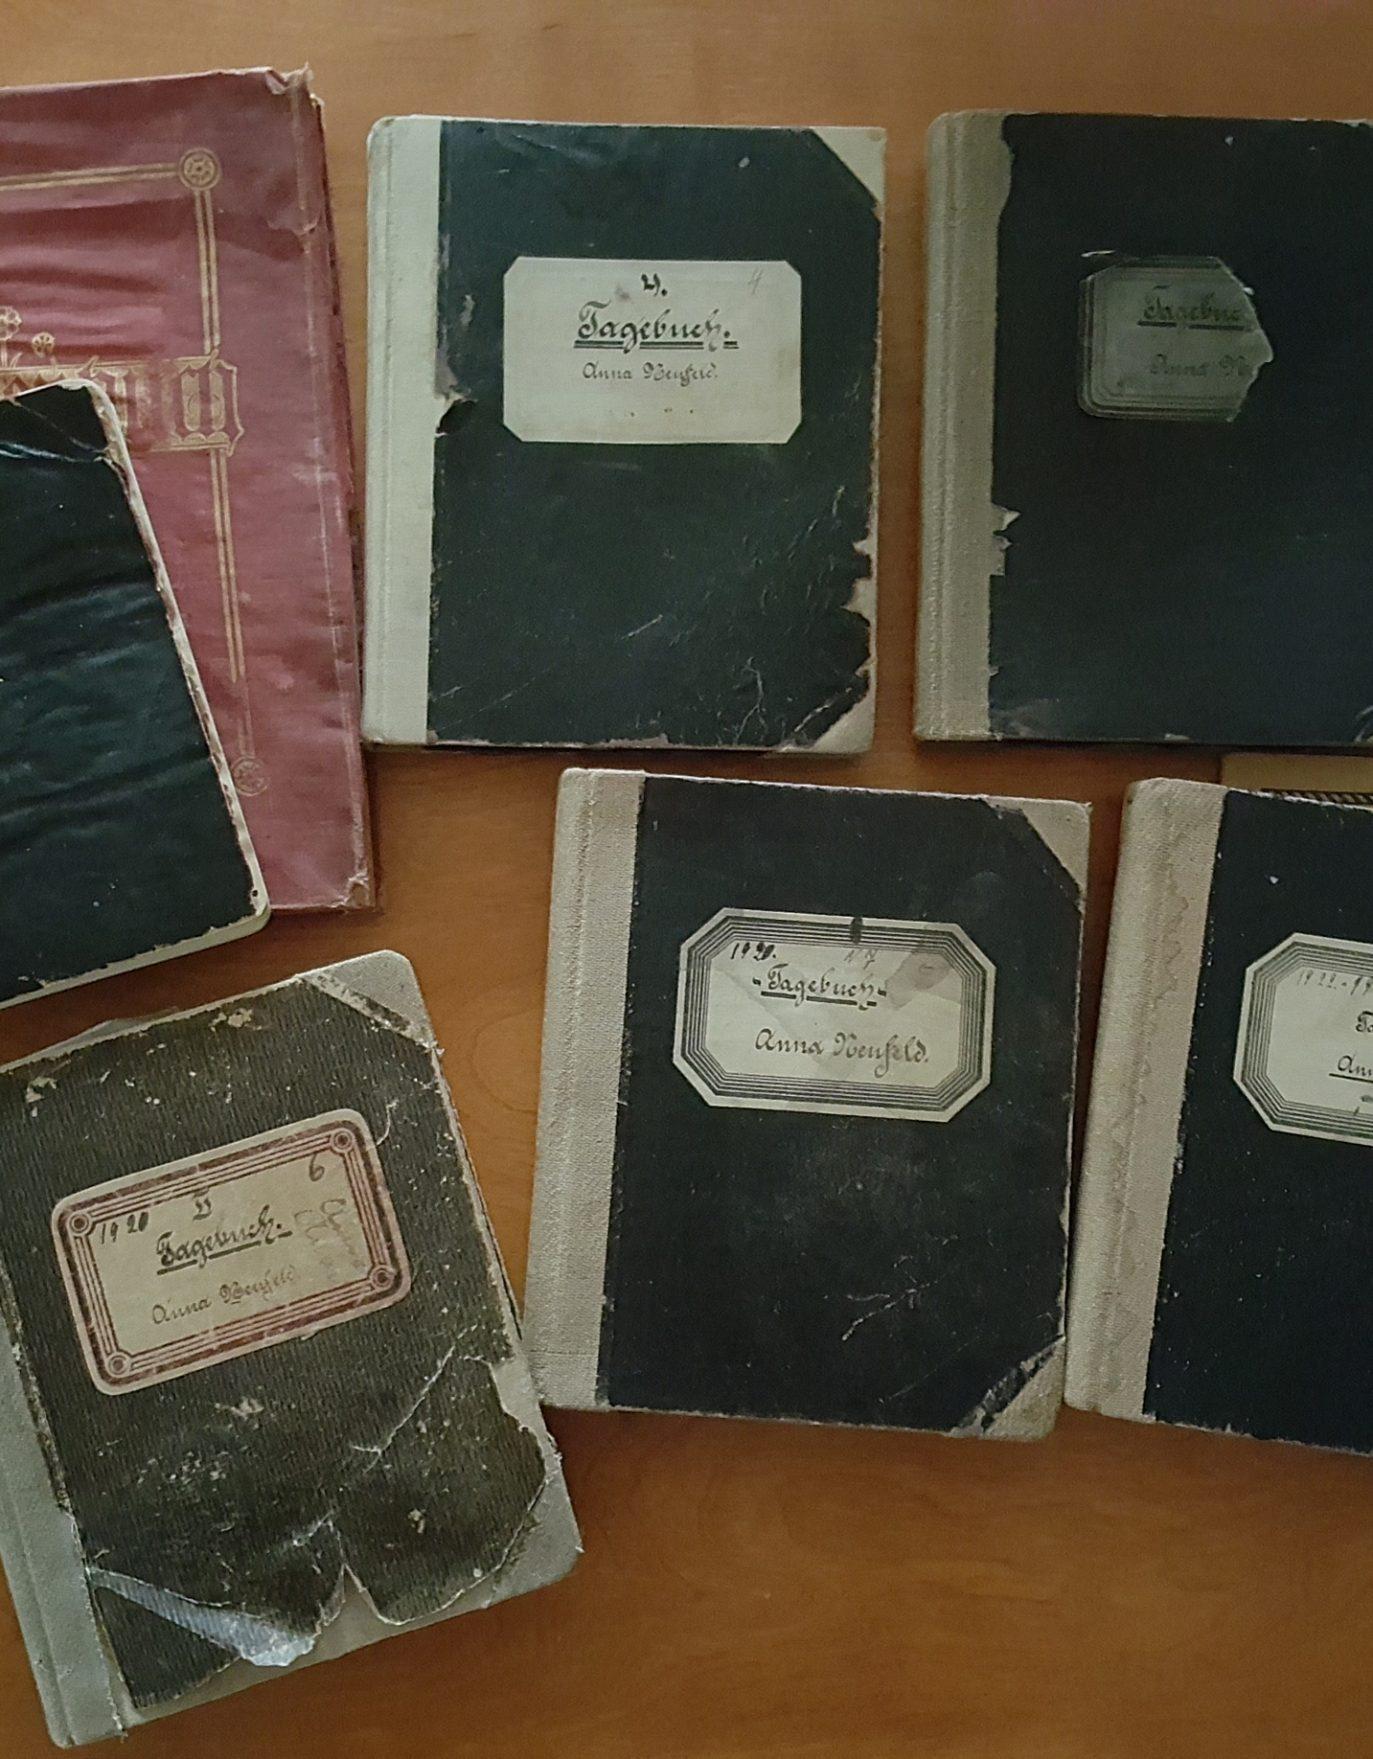 Anna Janzen Neufeld diaries donated